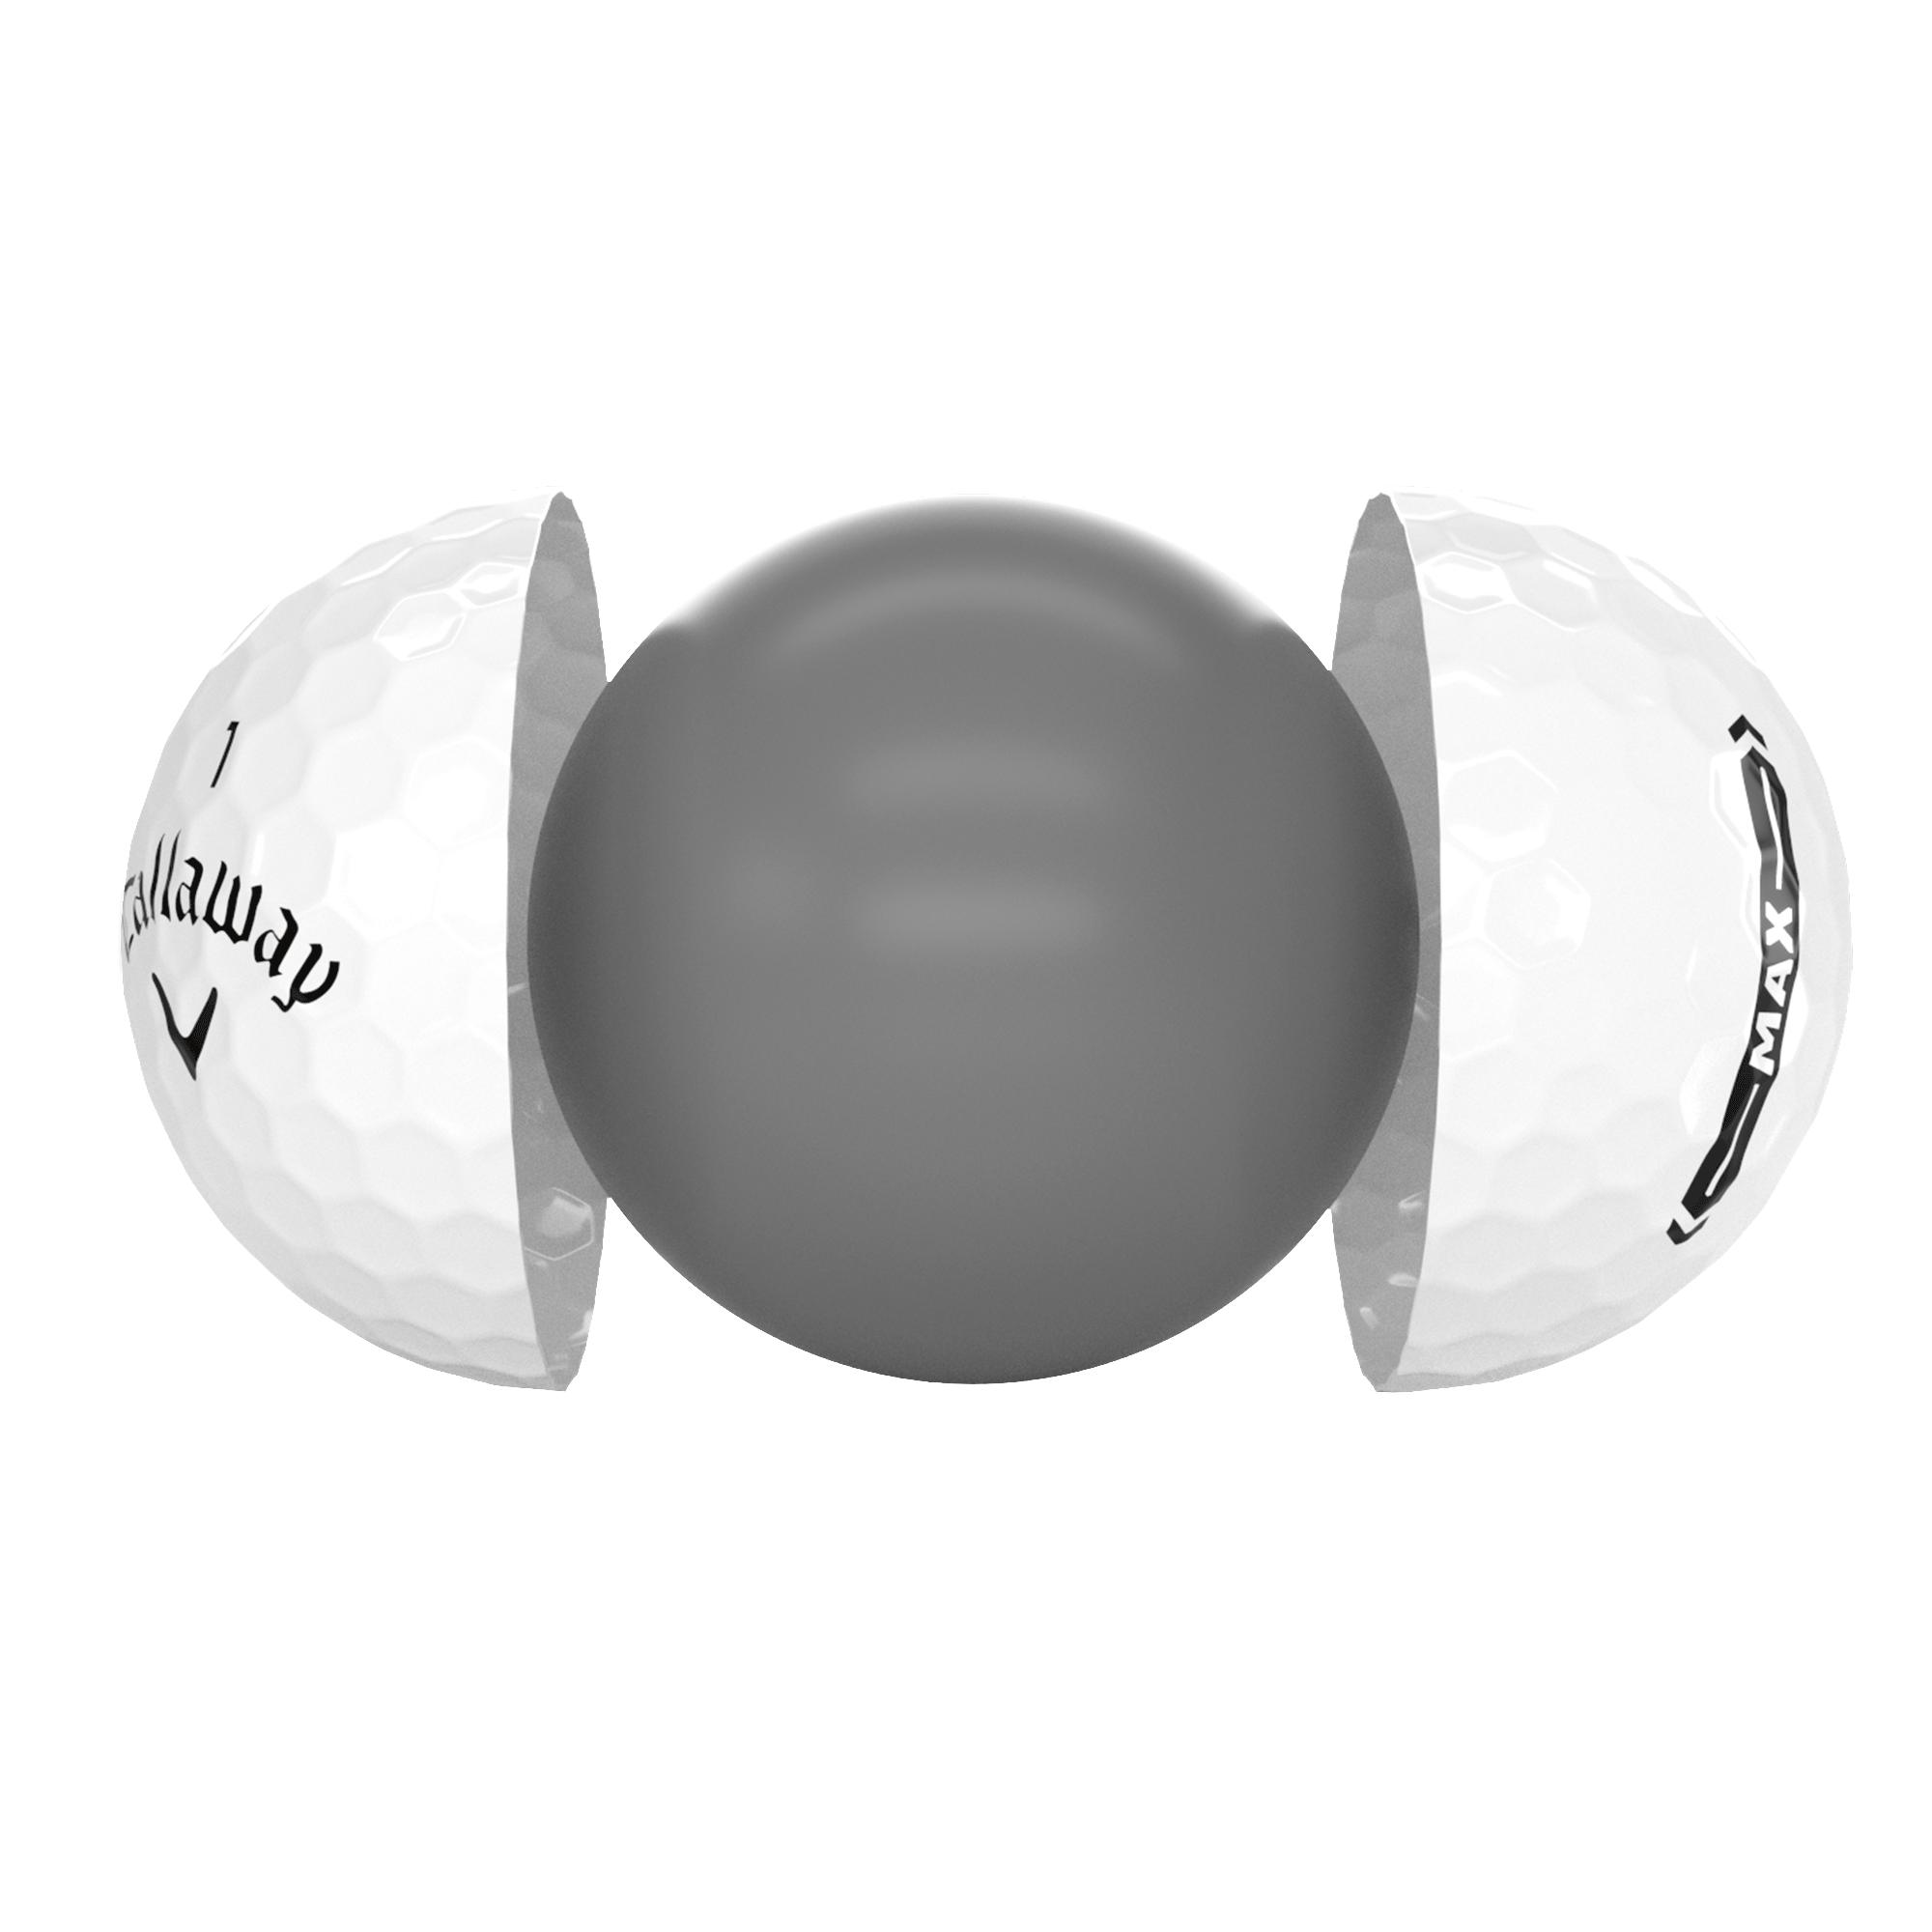 Supersoft MAX Golf Ball